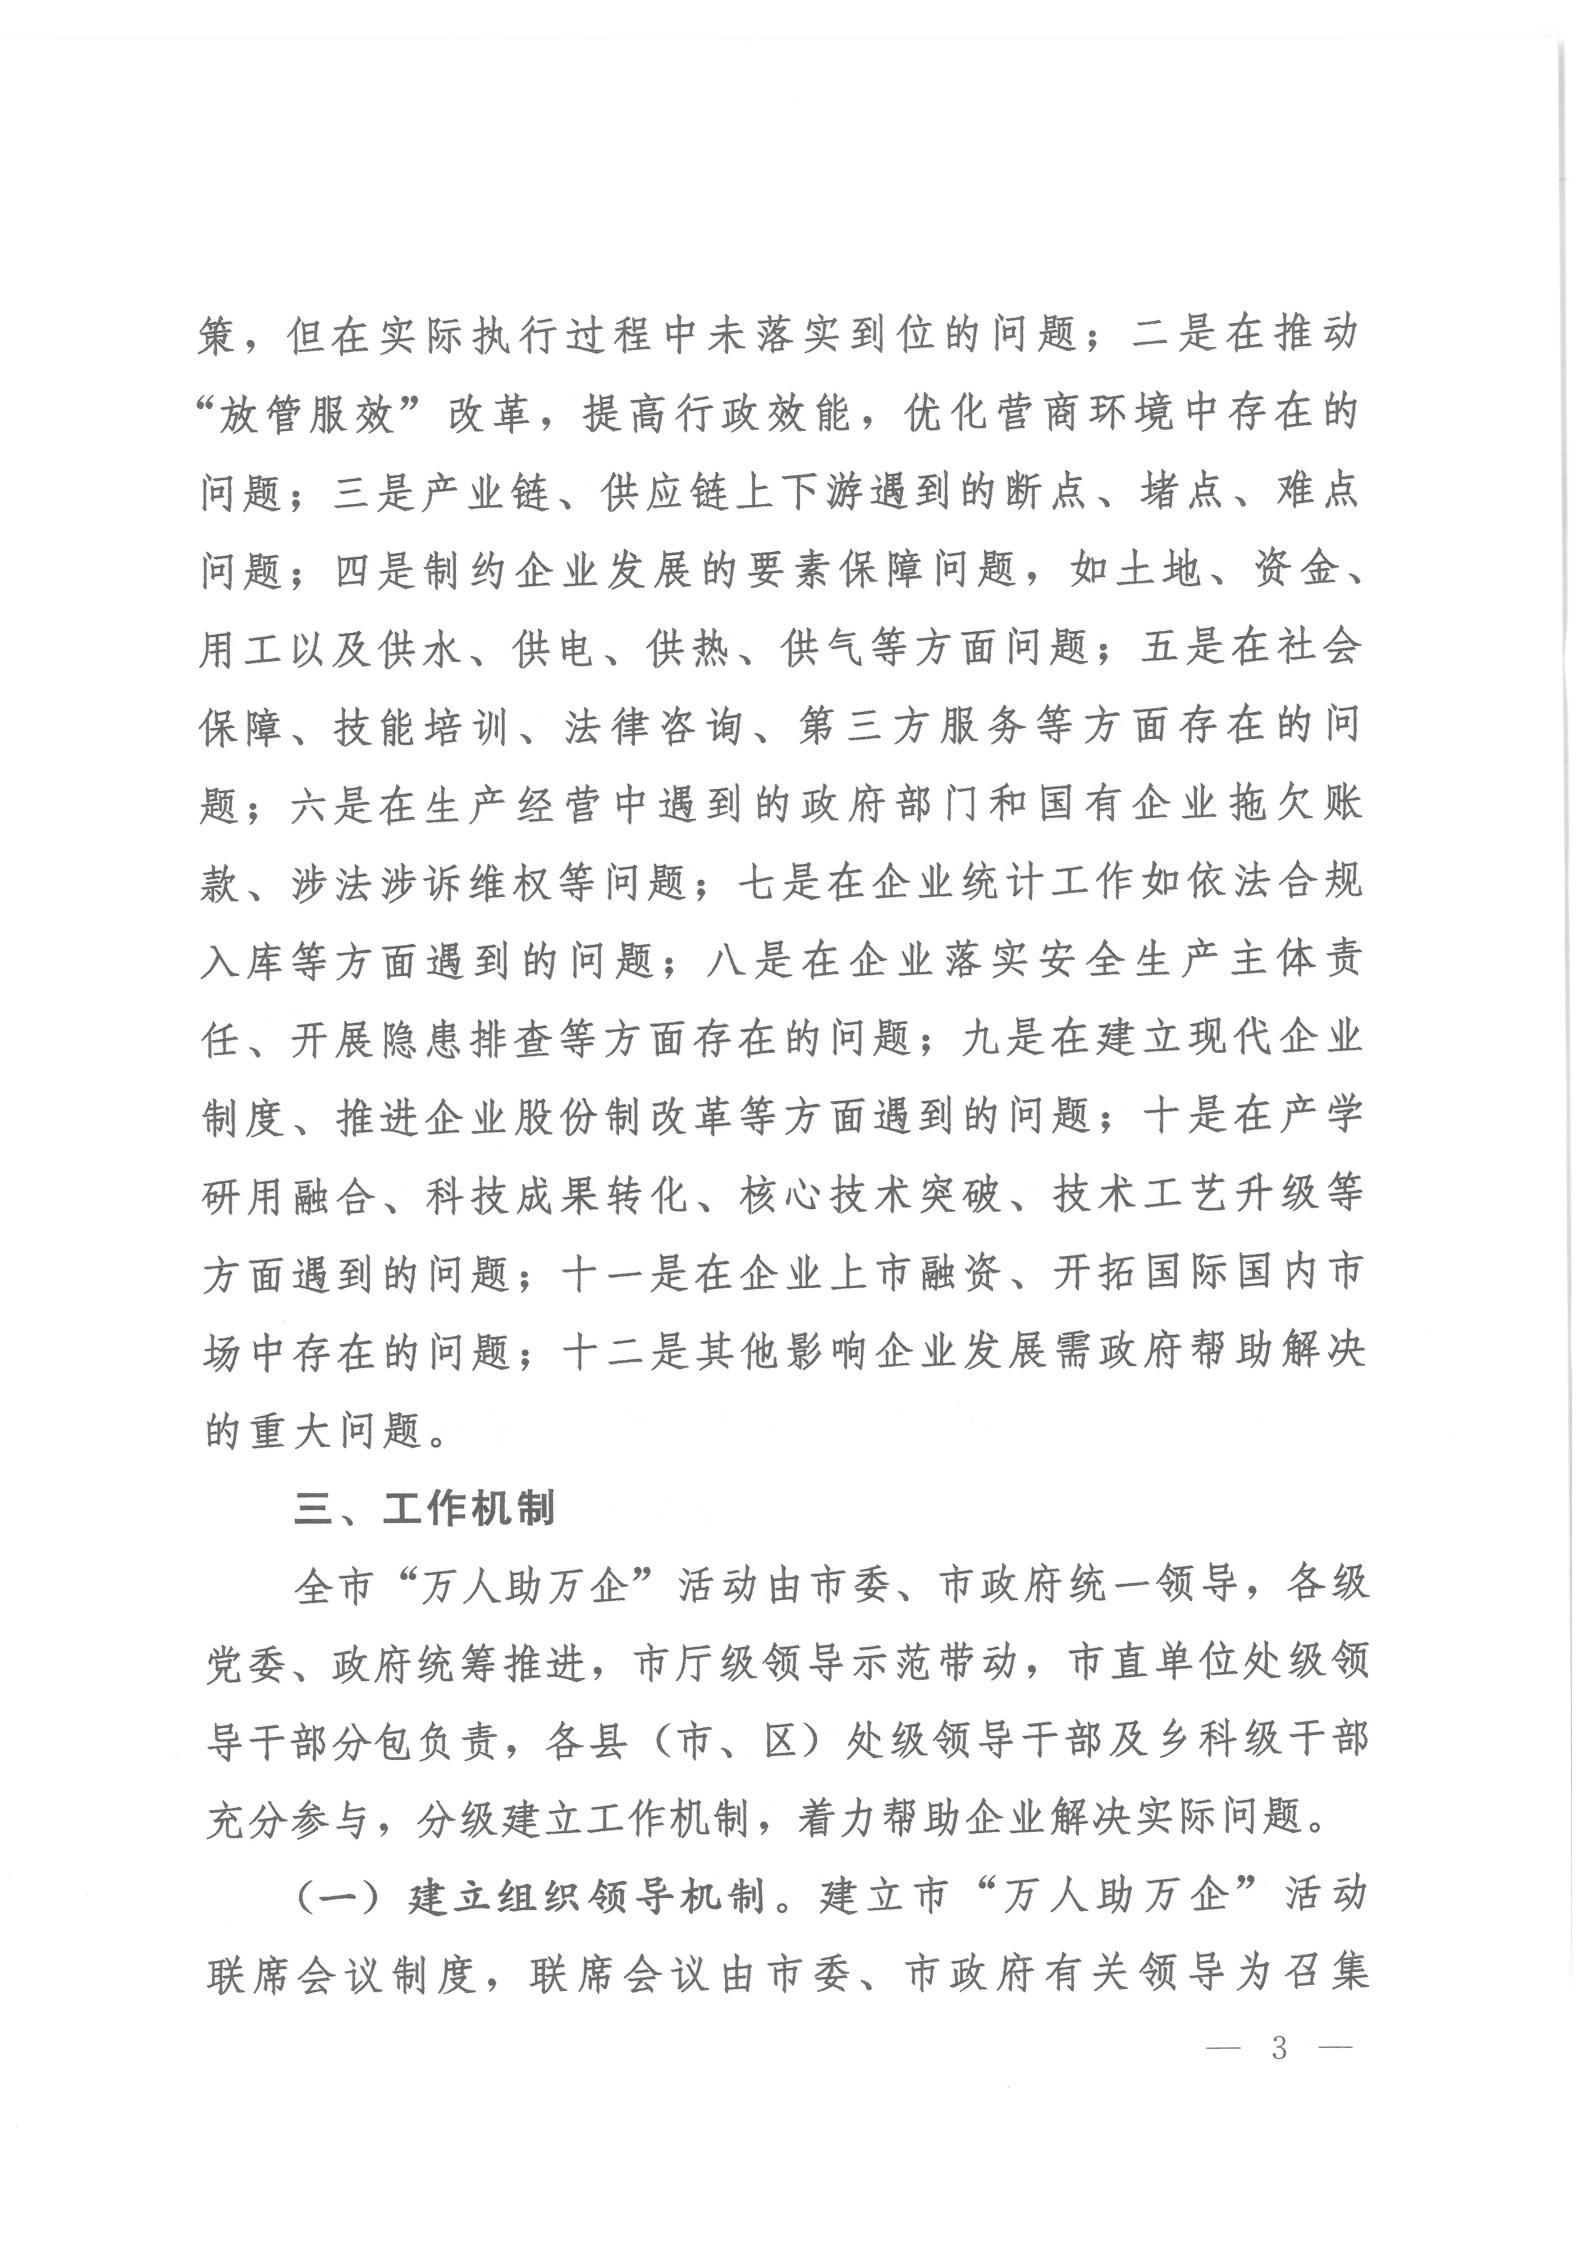 """南阳市""""万人助万企""""活动实施方案_02.jpg"""